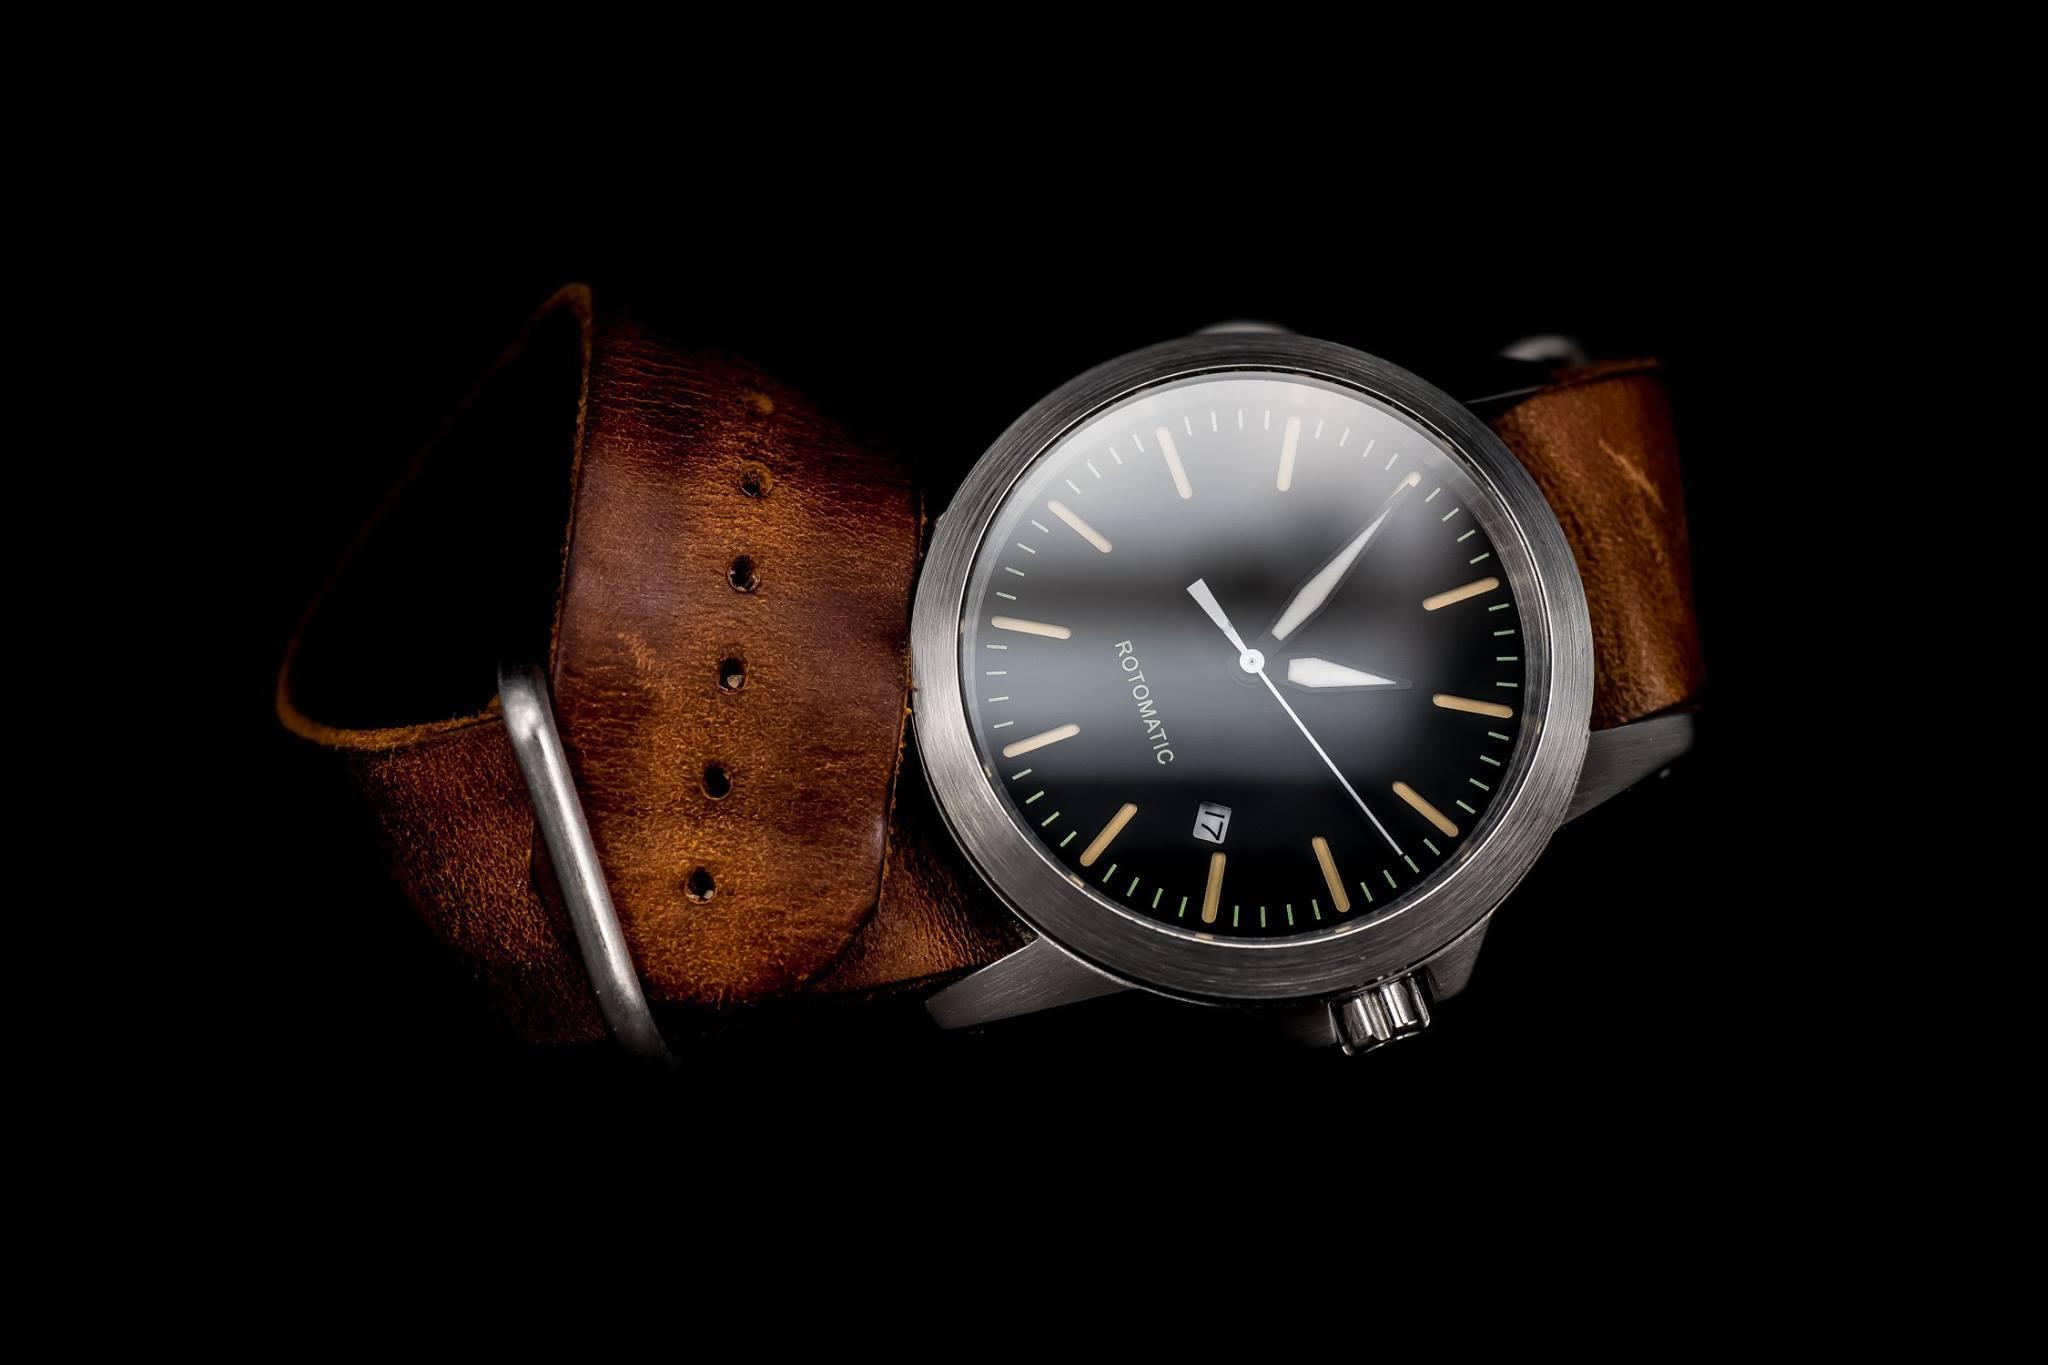 Часы Ronin: недорогой японский дизайн